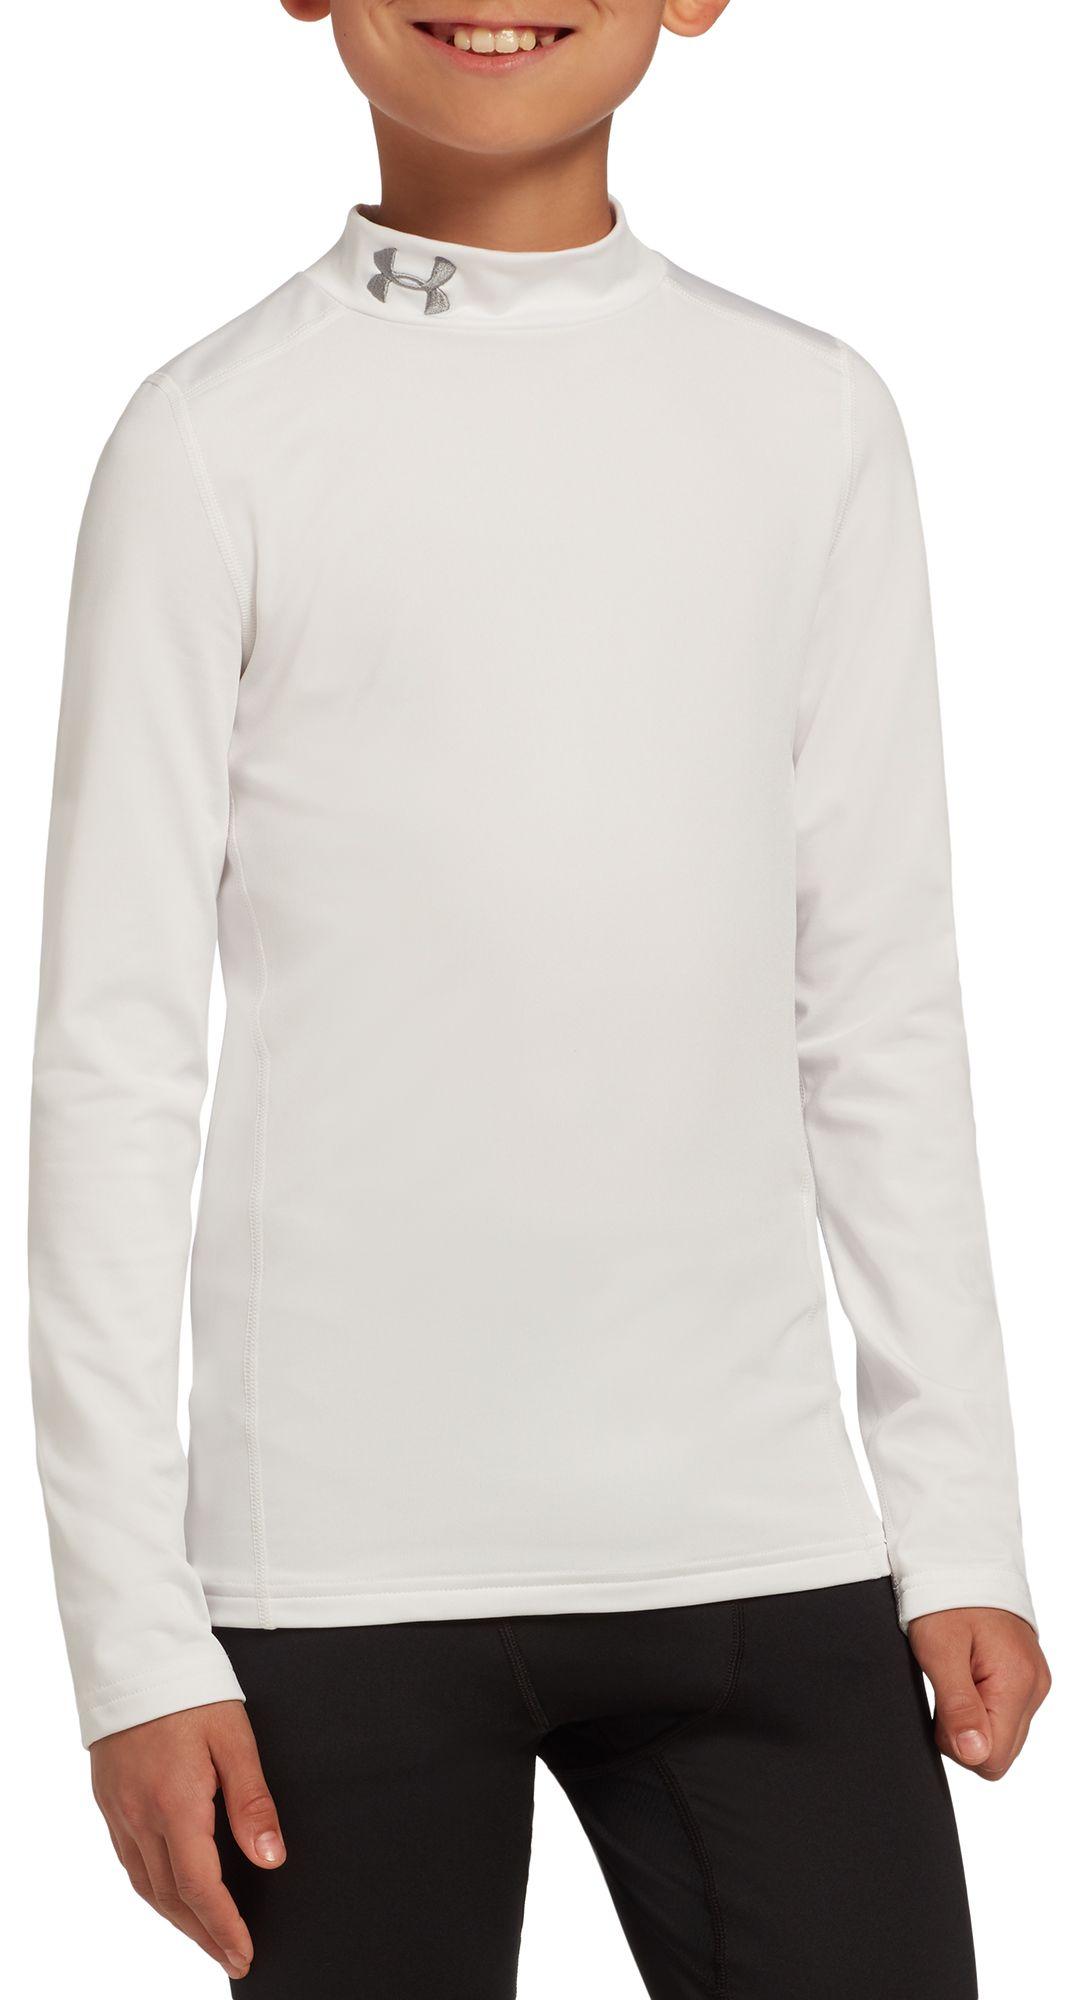 5b56224224 Under Armour Boys' ColdGear Armour Mock Neck Long Sleeve Shirt